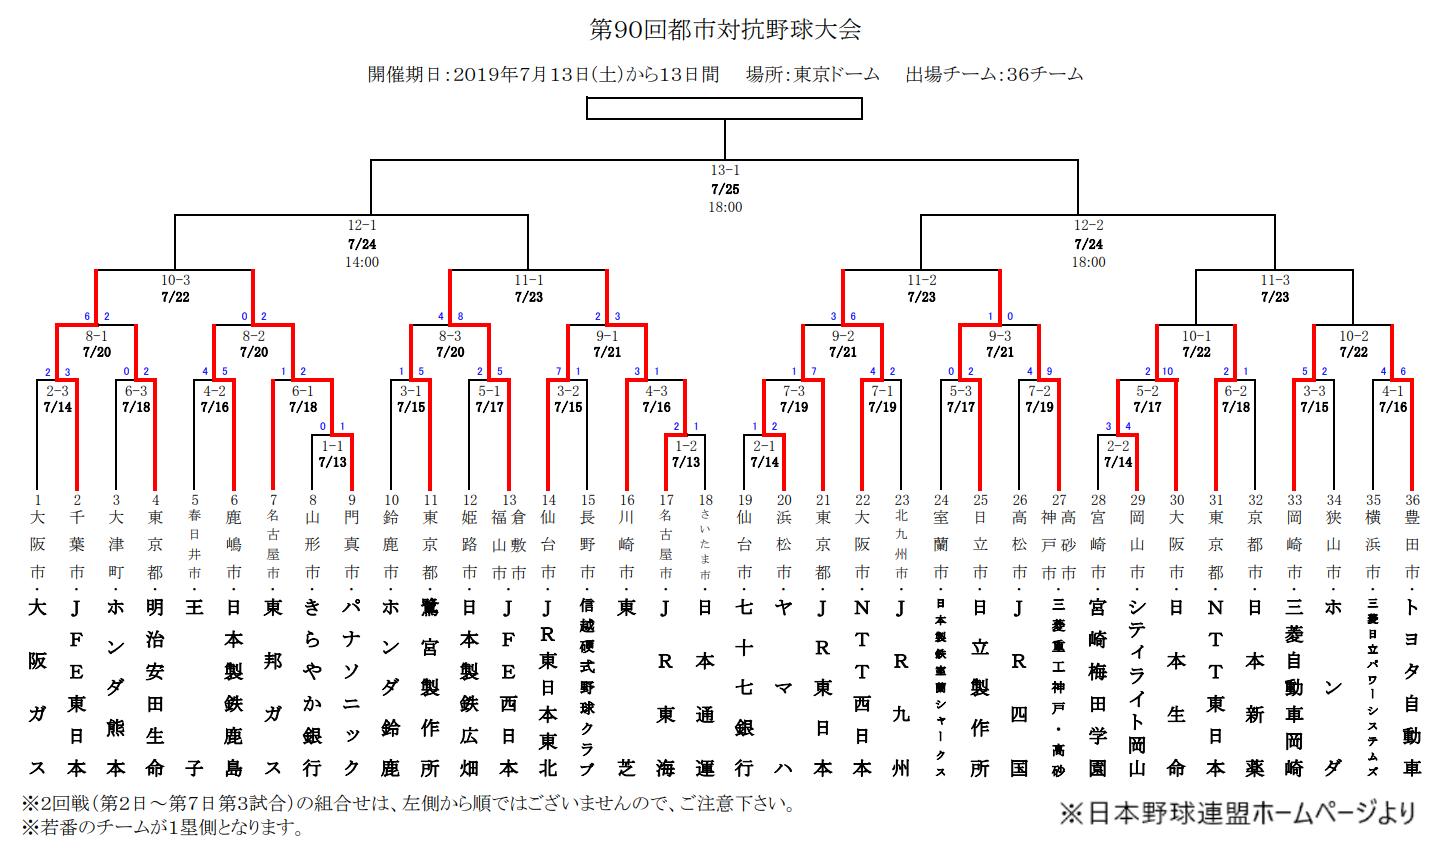 第90回都市対抗野球大会トーナメント表 ※日本野球連盟ホームページより